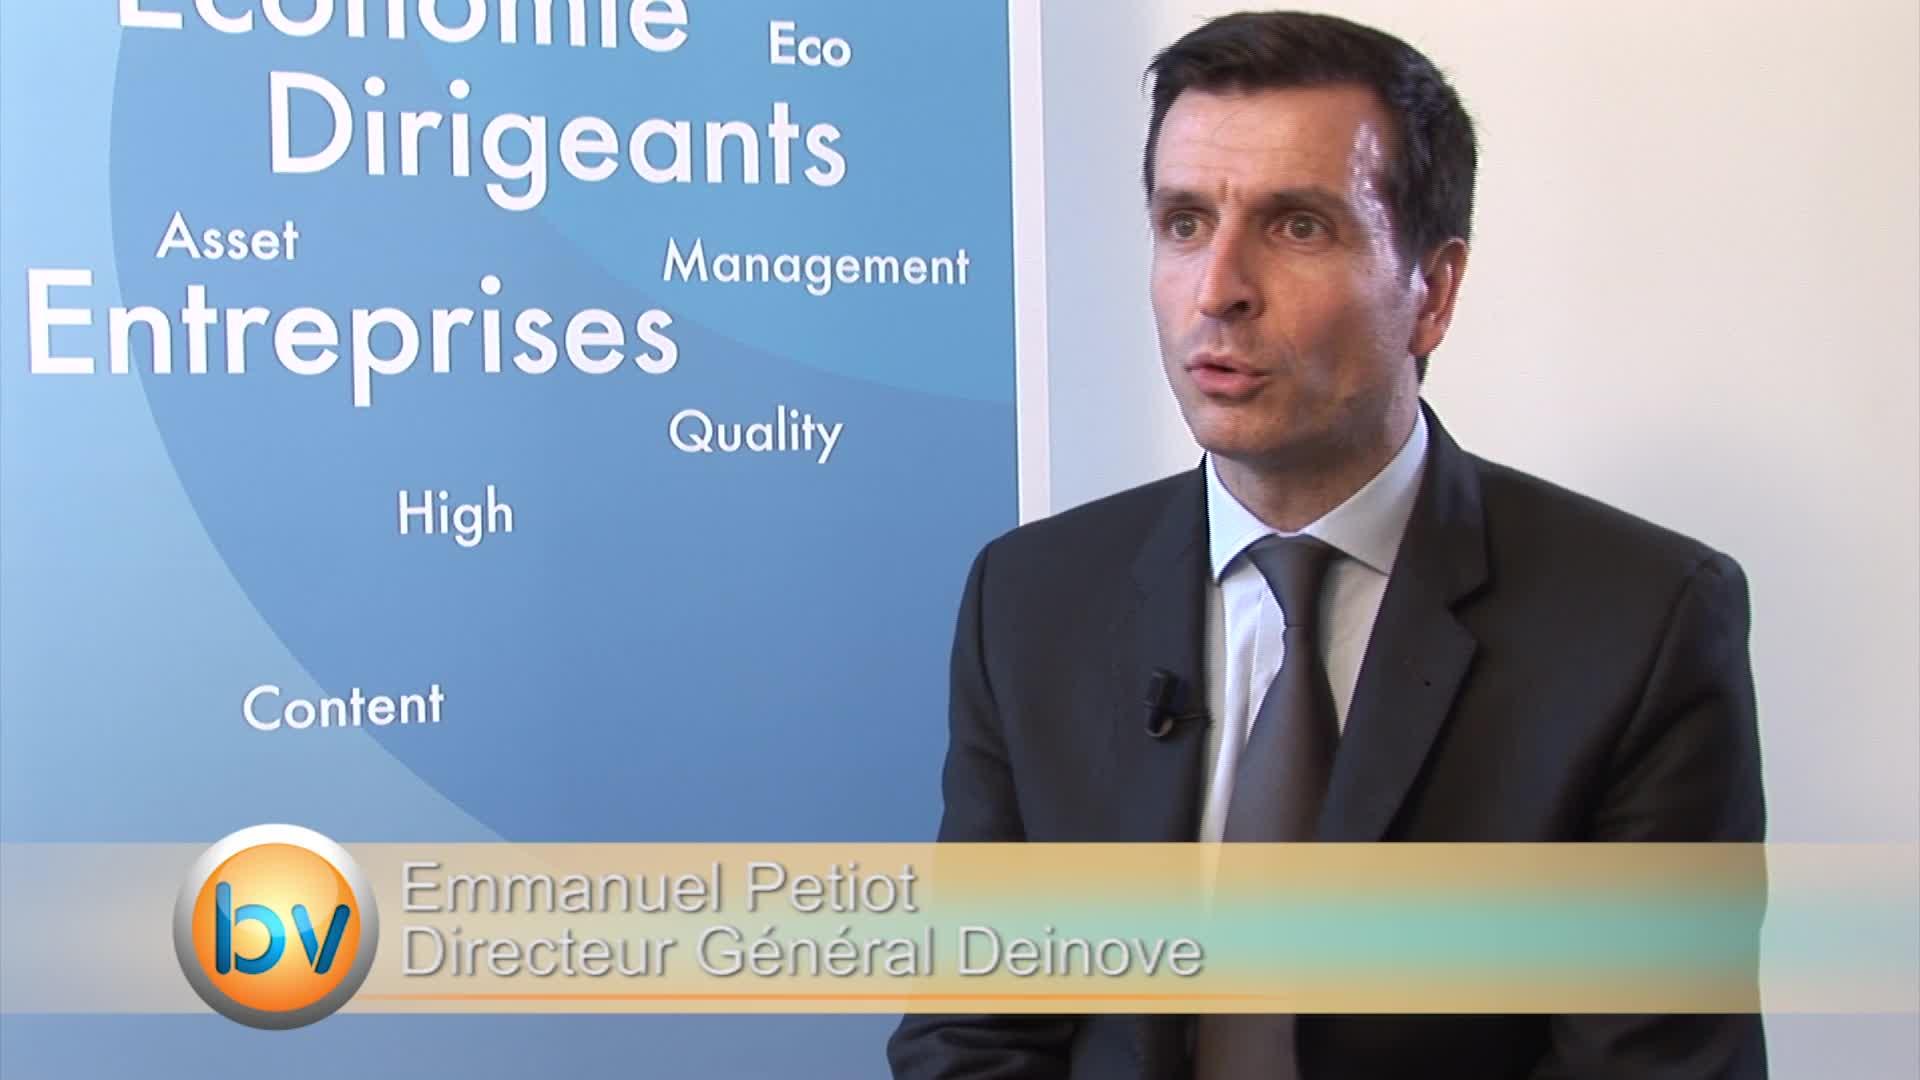 """Emmanuel Petiot Directeur Général Deinove : """"Nous espérons signer de nouveaux partenariats structurants en 2015"""""""